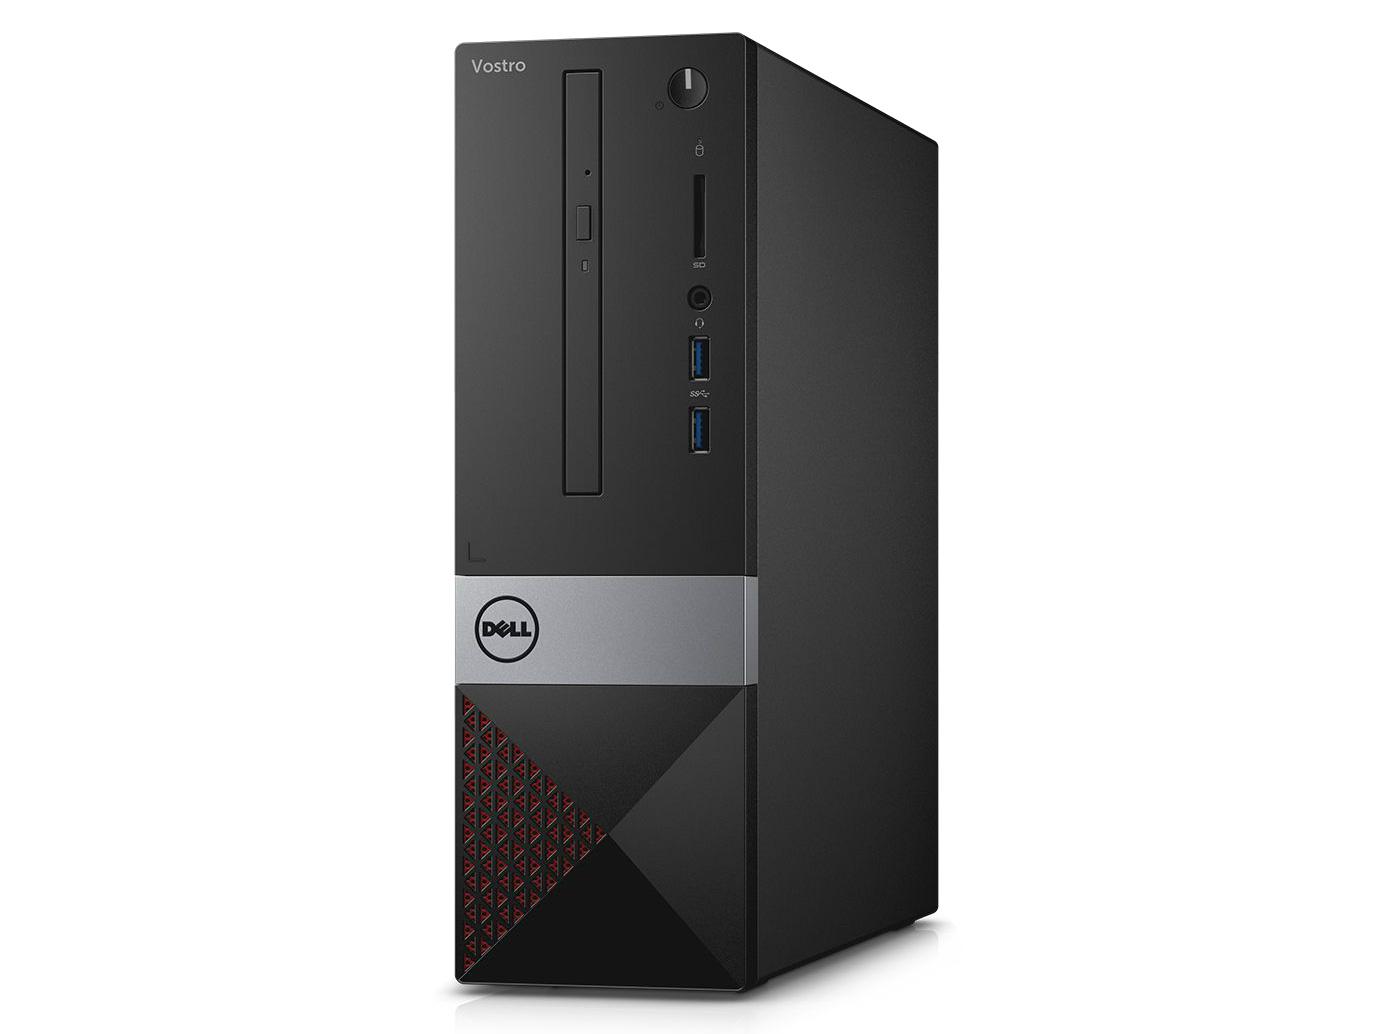 Máy tính đồng bộ Dell Vostro V3669 42VT360010